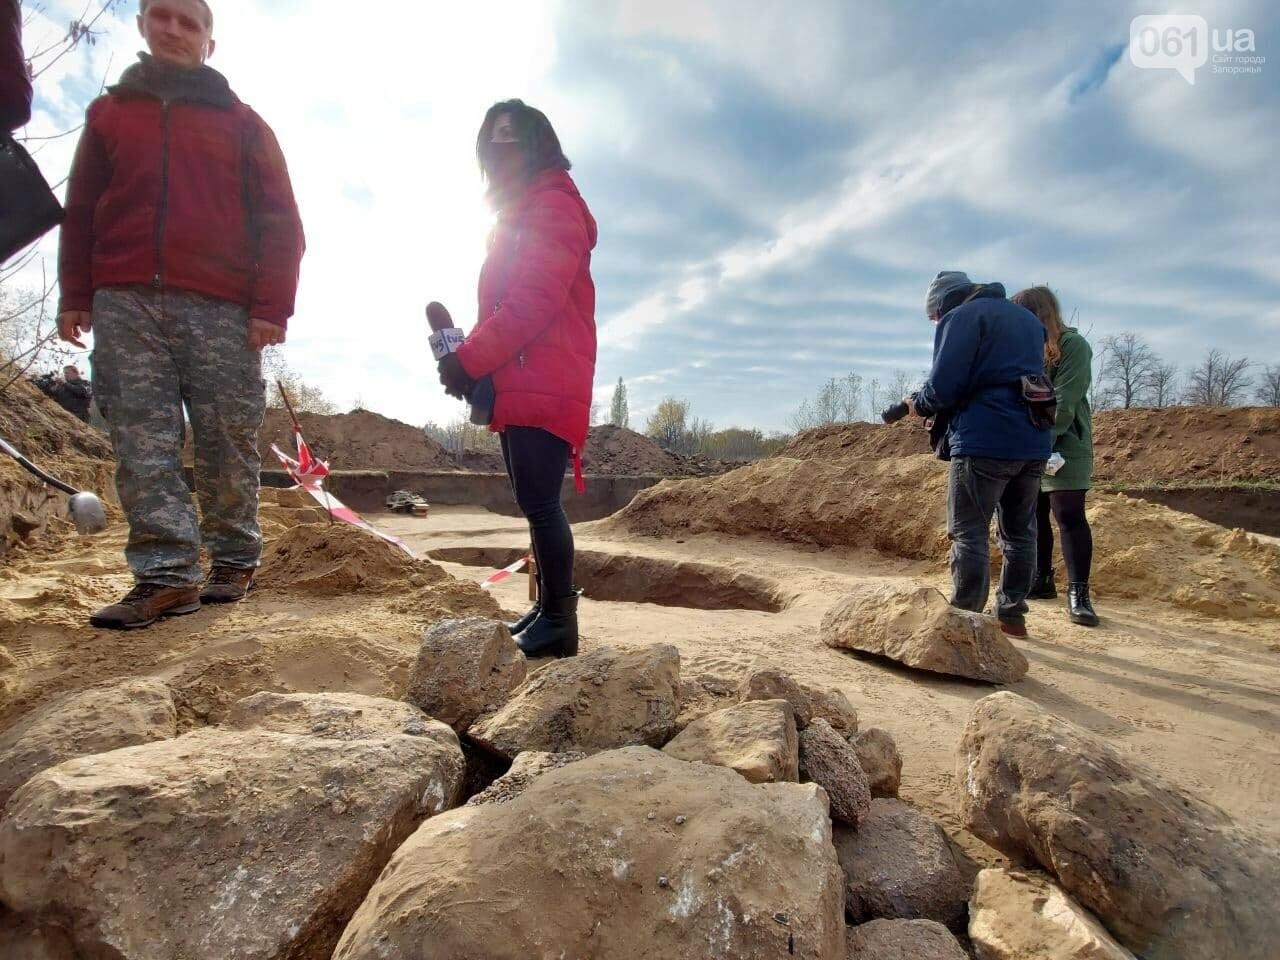 В Запорожье на Хортице нашли захоронение скифского воина, которому 2500 лет, - ФОТОРЕПОРТАЖ, фото-8